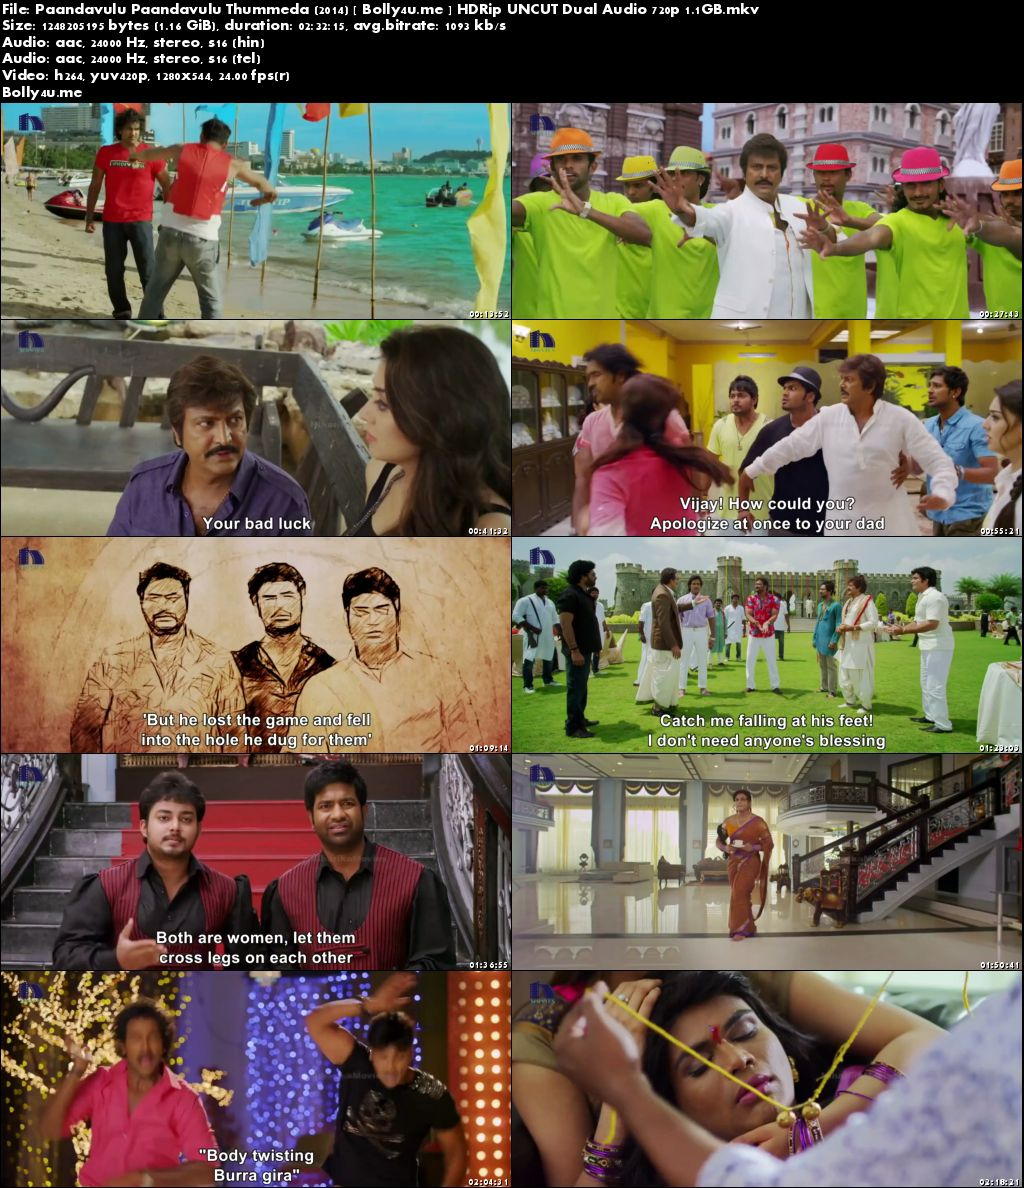 Pandavulu Pandavulu Tummeda 2014 HDRip UNCUT Hindi Dual Audio 720p Download